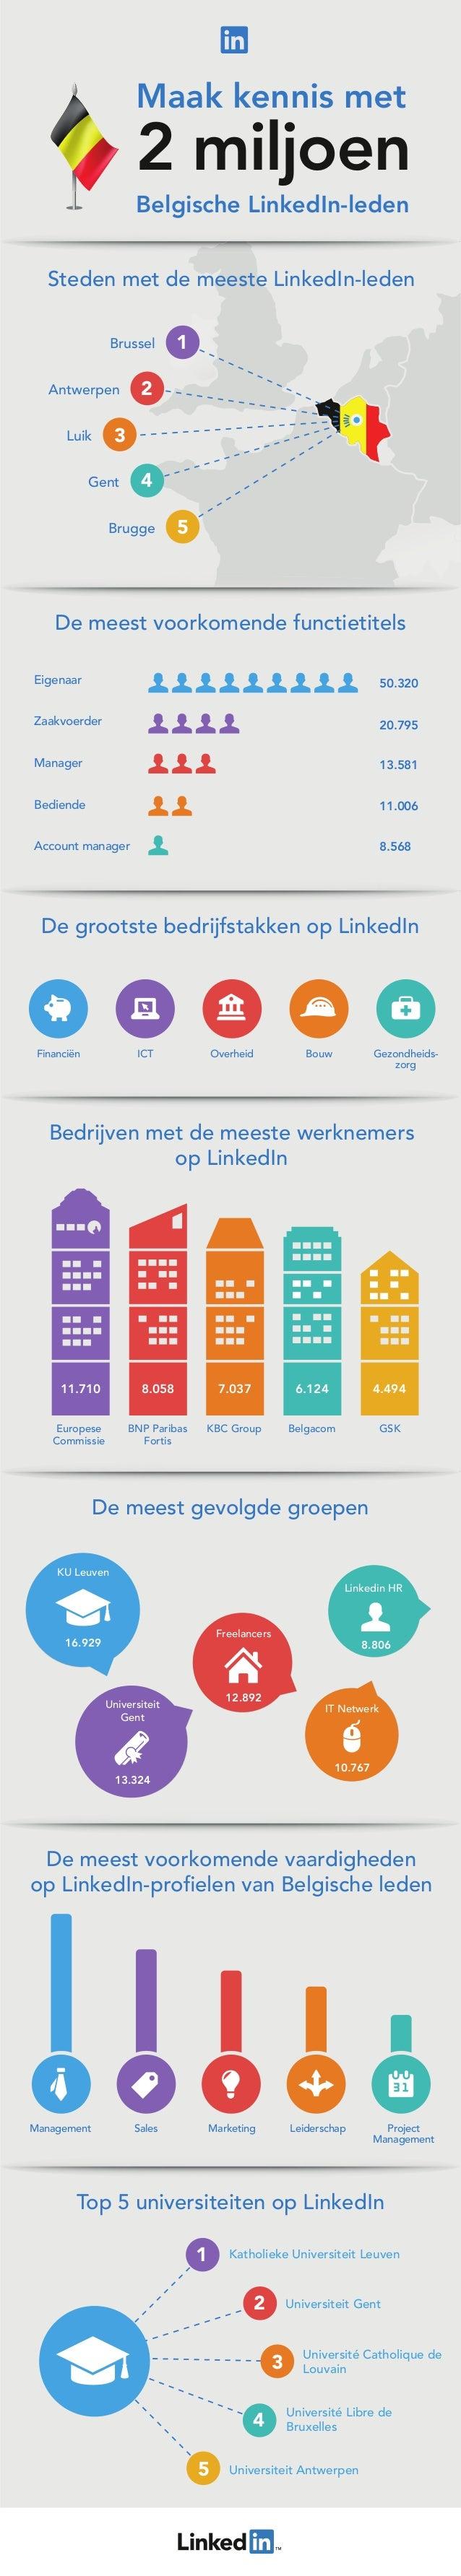 2 miljoen Belgische LinkedIn-leden Maak kennis met De grootste bedrijfstakken op LinkedIn De meest voorkomende functietite...